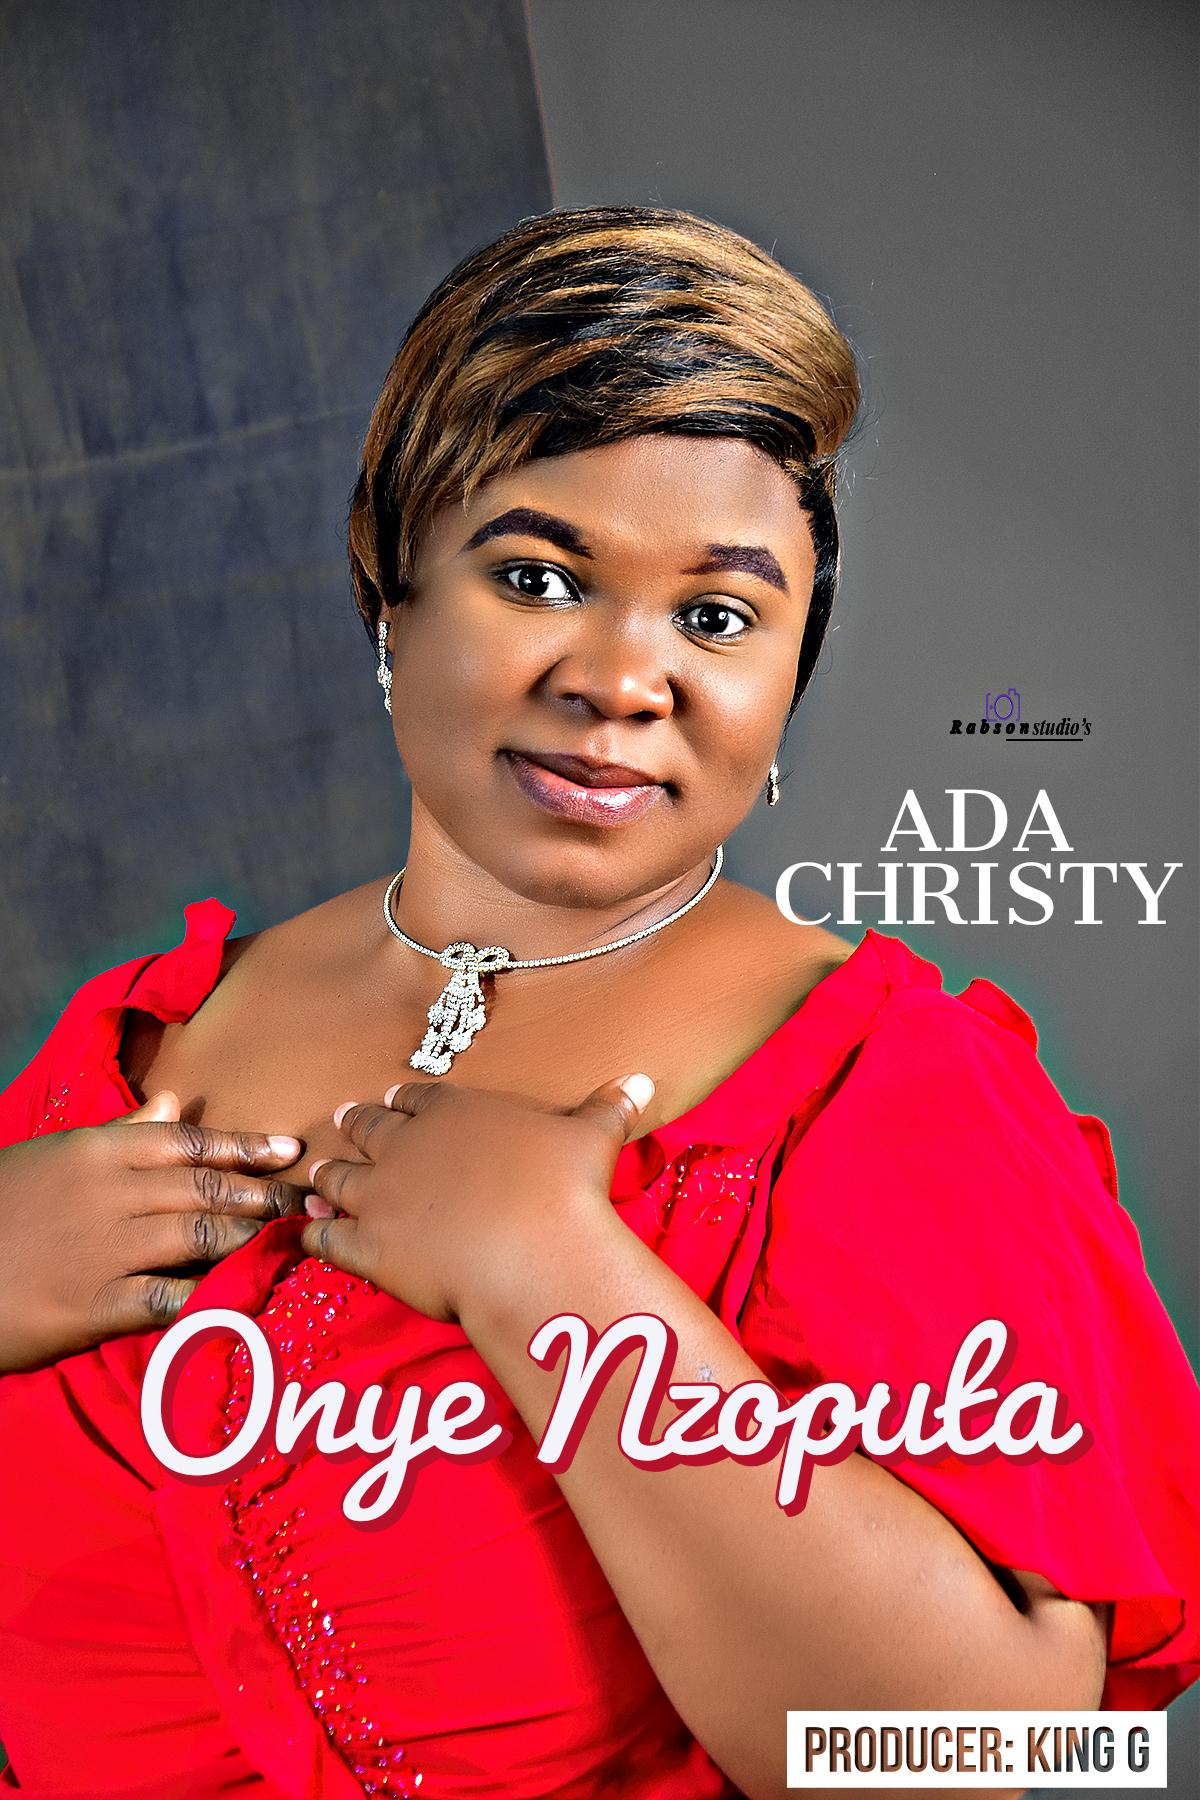 ONYE NZOPUTA - Ada Christy